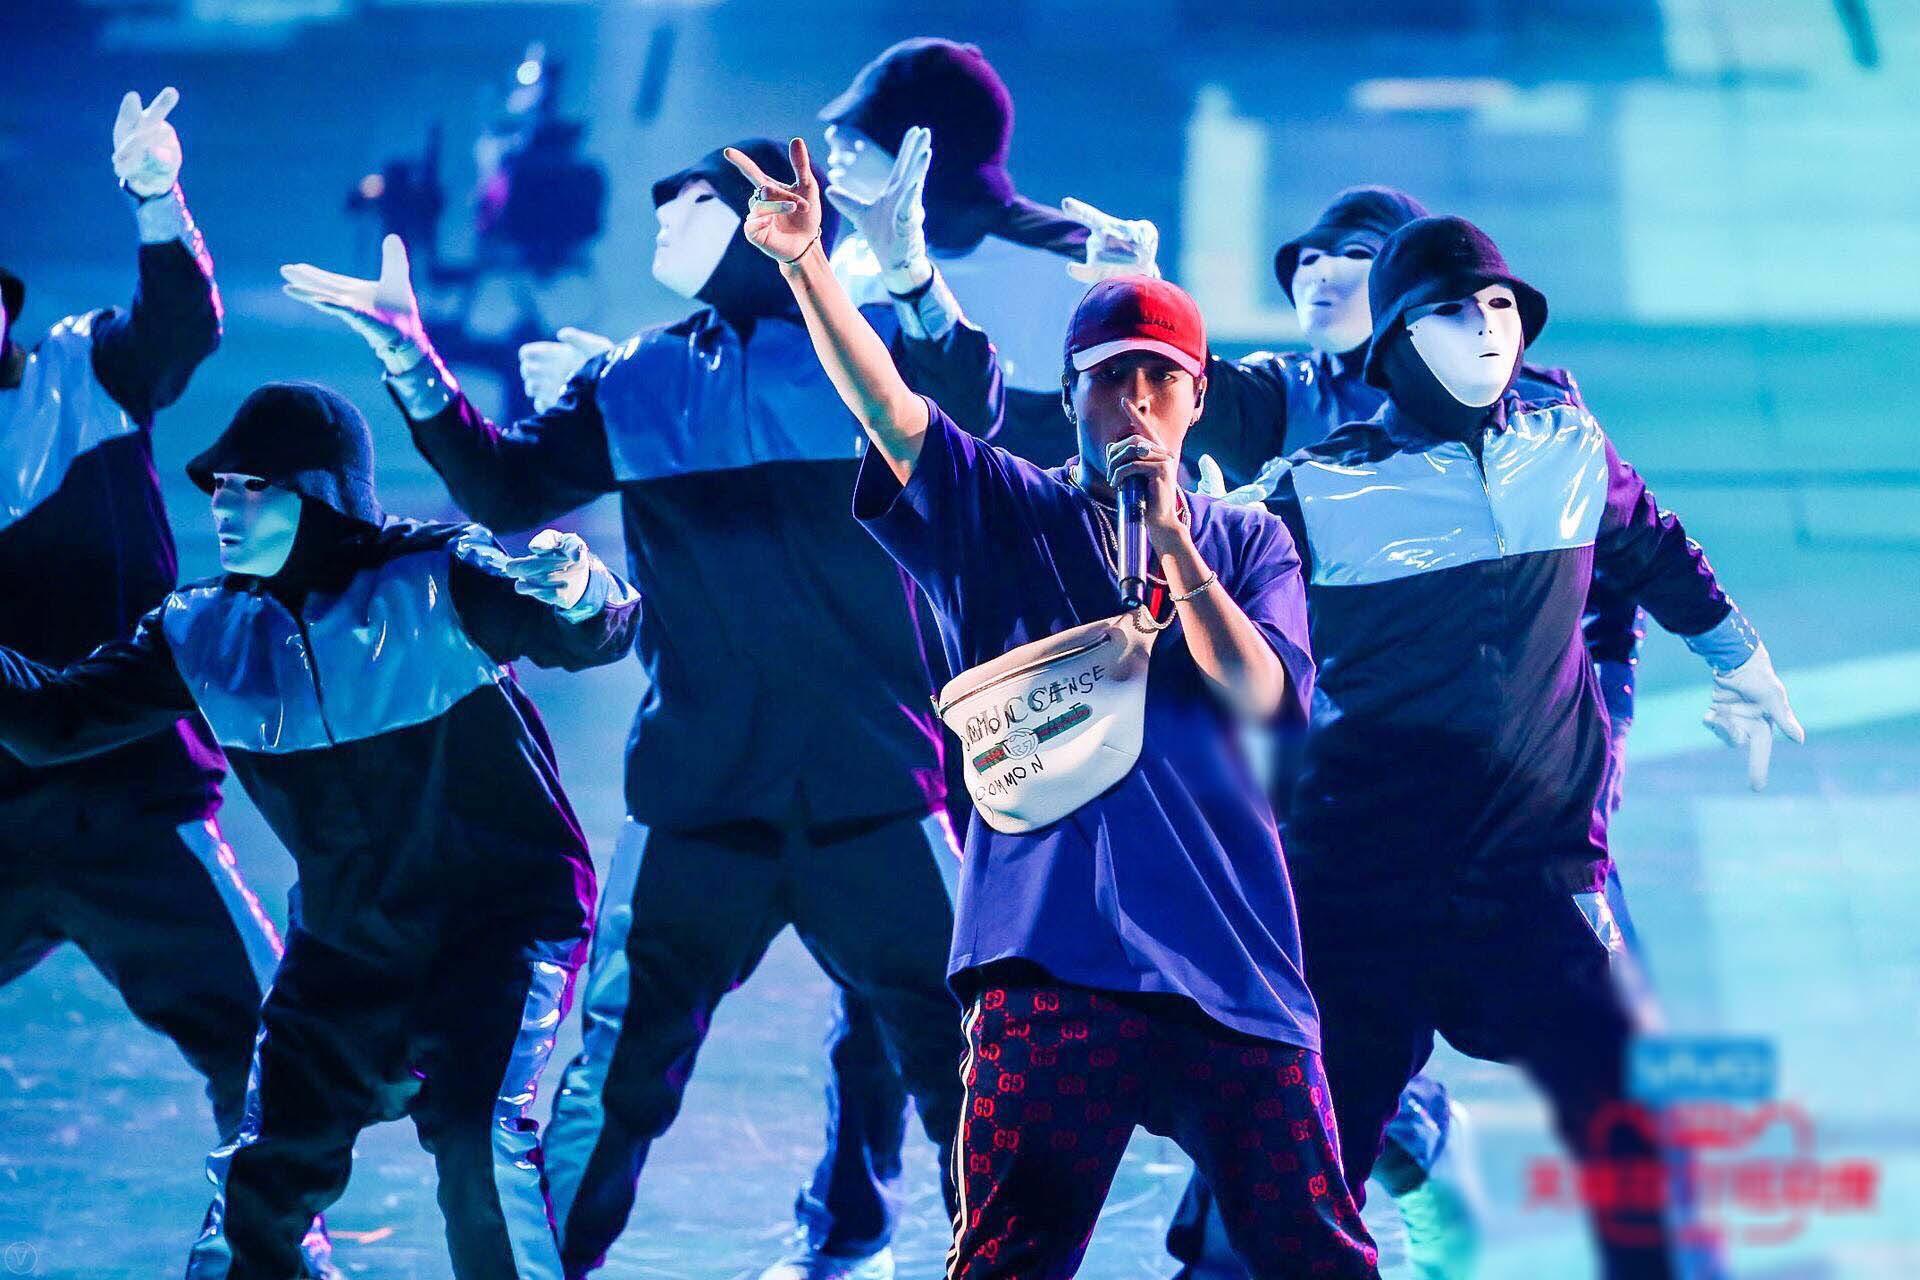 王嘉尔新歌舞台正能量 主持表演两不误 -1fe05a2efdc44fec9ee321f6bb2d5c0a